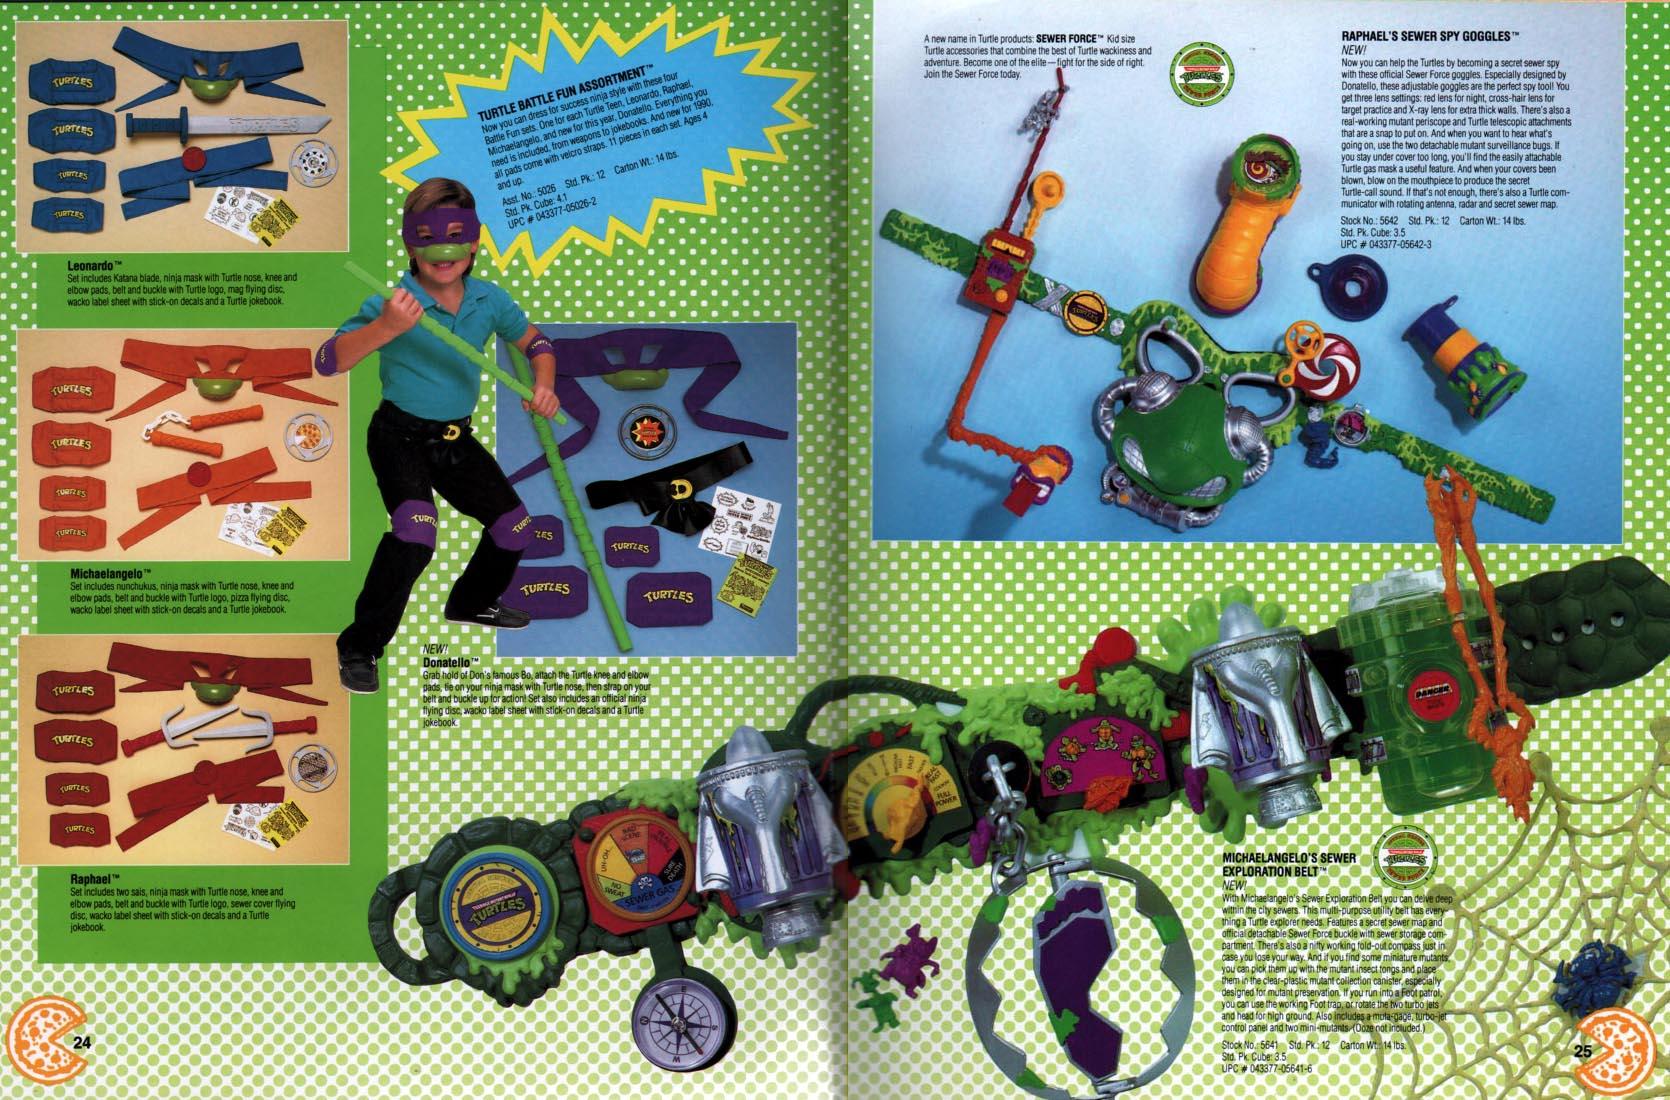 Playmates Toys Teenage Mutant Ninja Turtles role play 1990